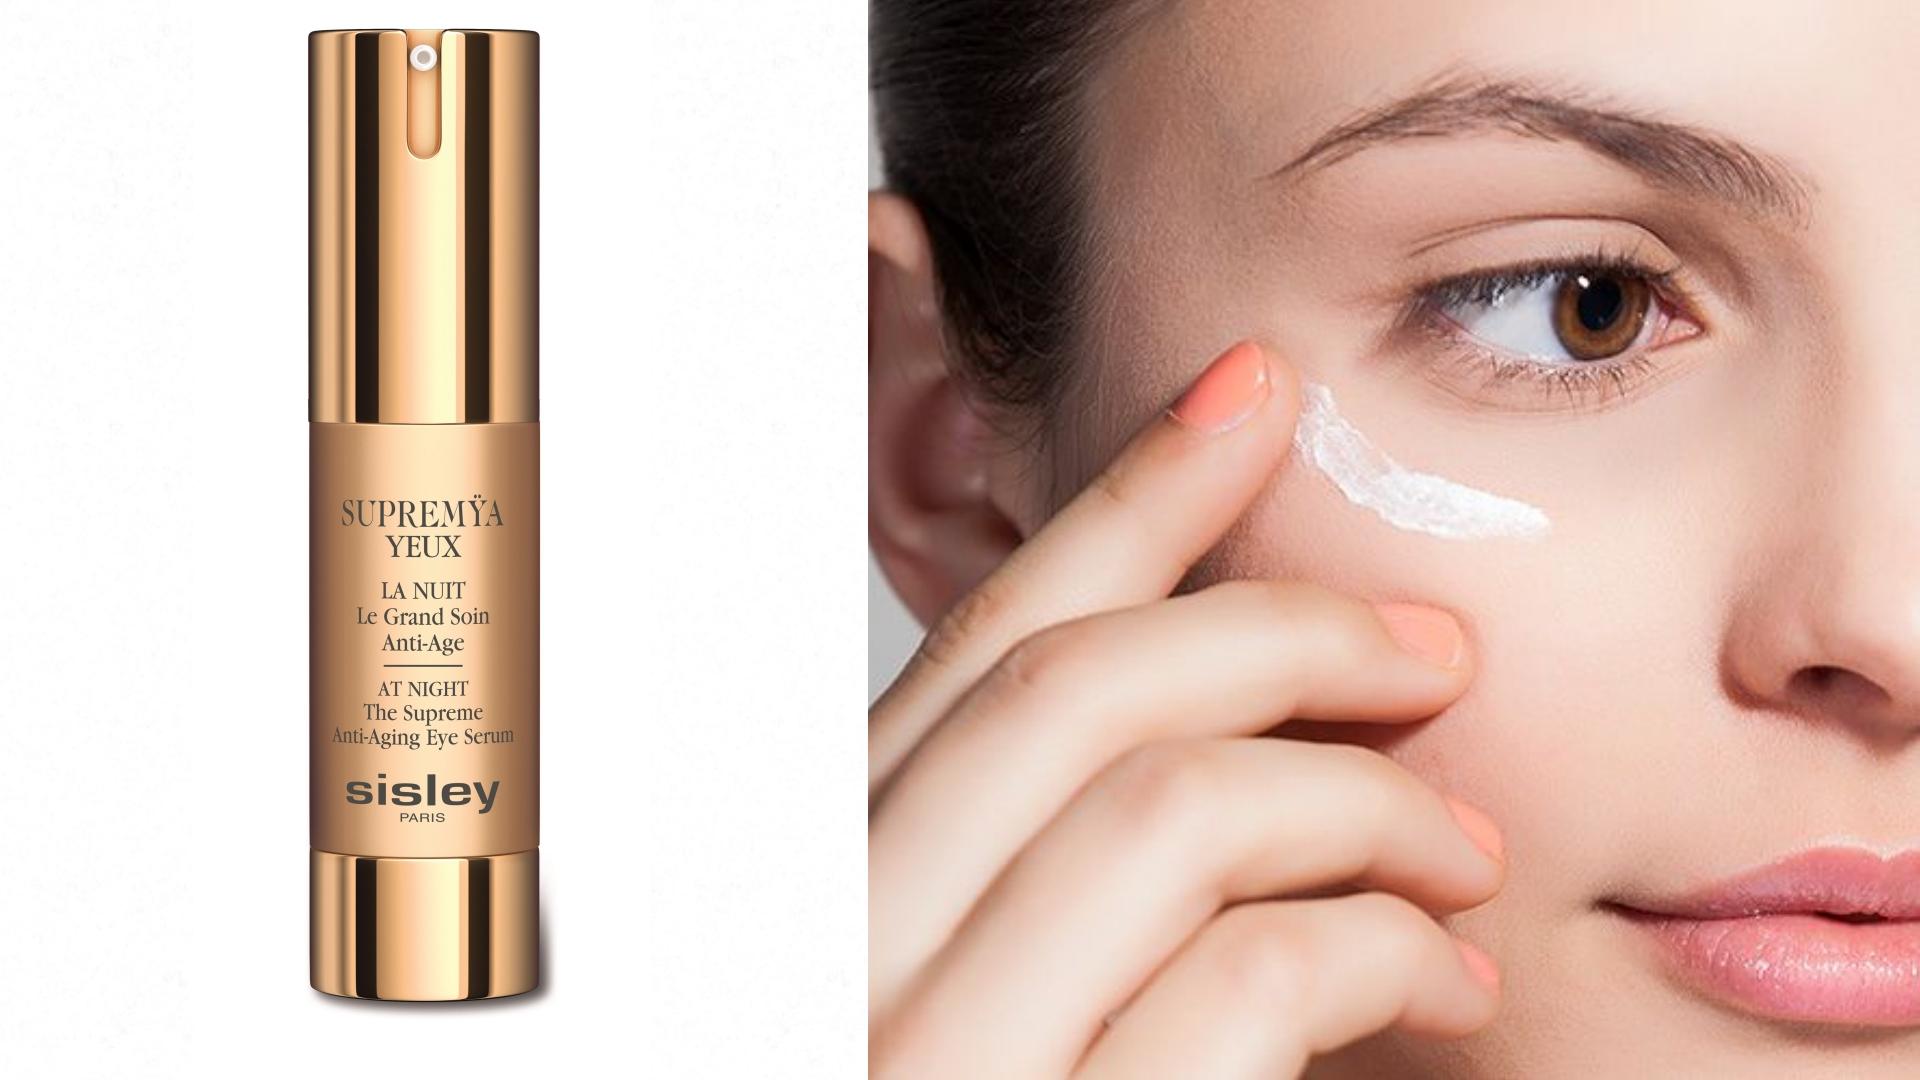 針對夜間的黃金修復期,運用多款頂級抗老技術所推出的眼部精萃,讓老化的眼周肌膚得到修復、緊緻。